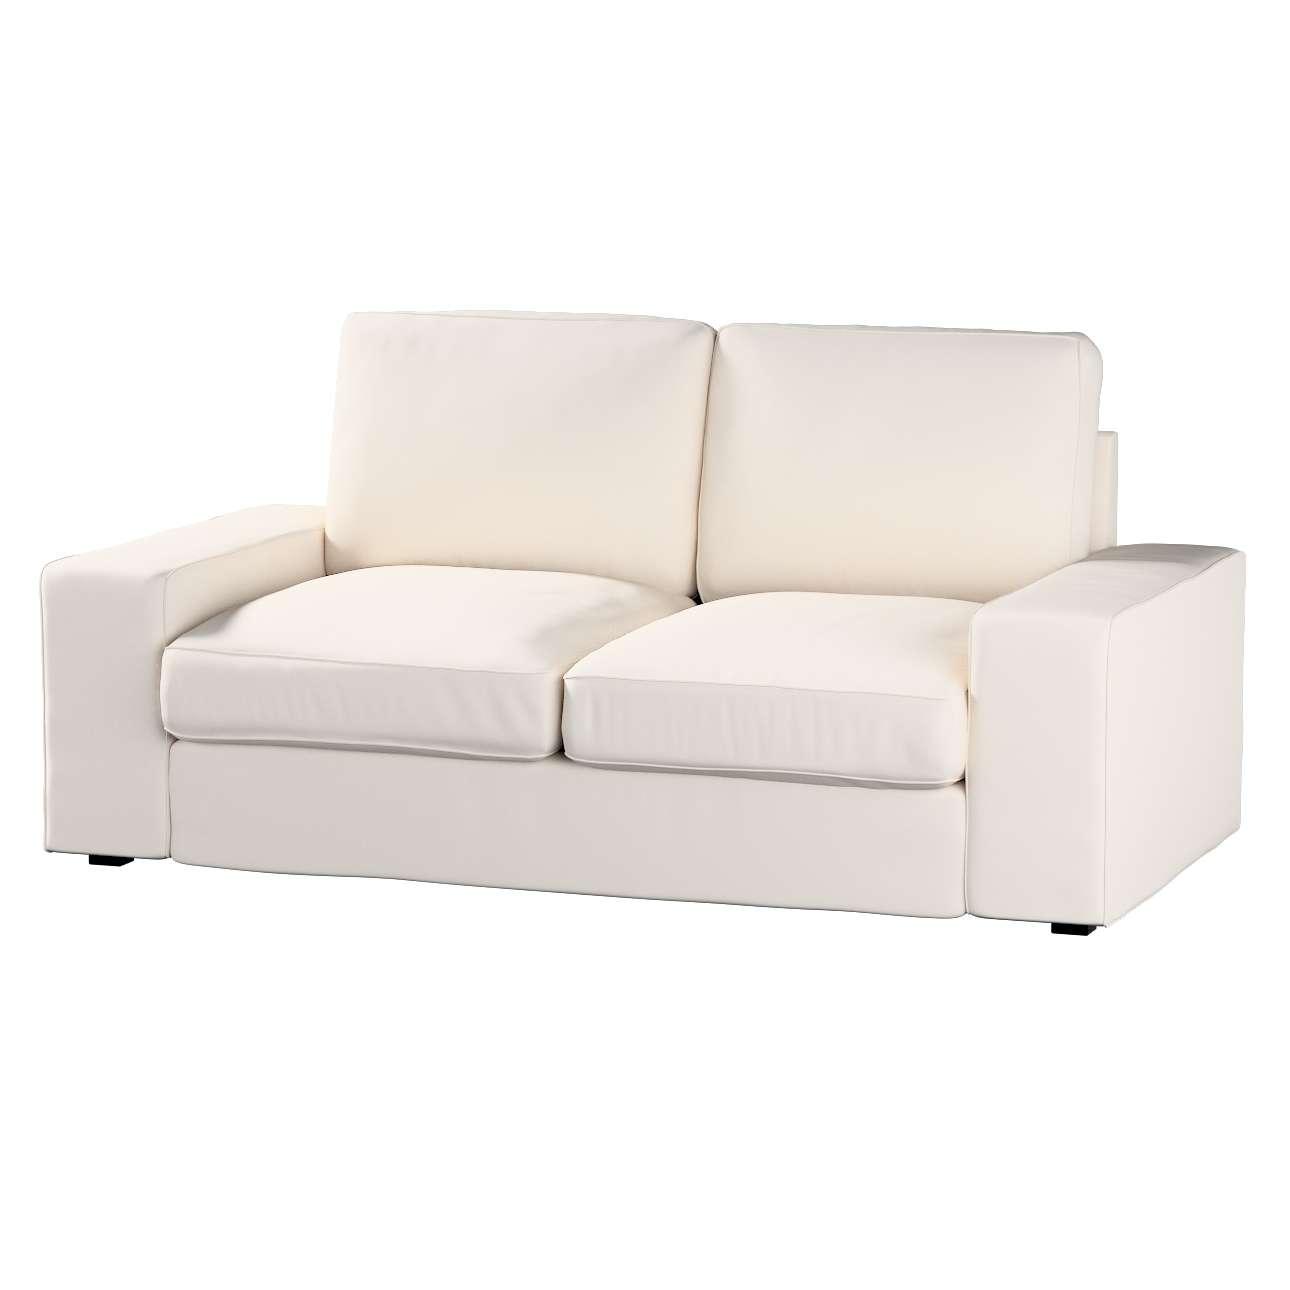 Pokrowiec na sofę Kivik 2-osobową, nierozkładaną Sofa Kivik 2-osobowa w kolekcji Etna , tkanina: 705-01